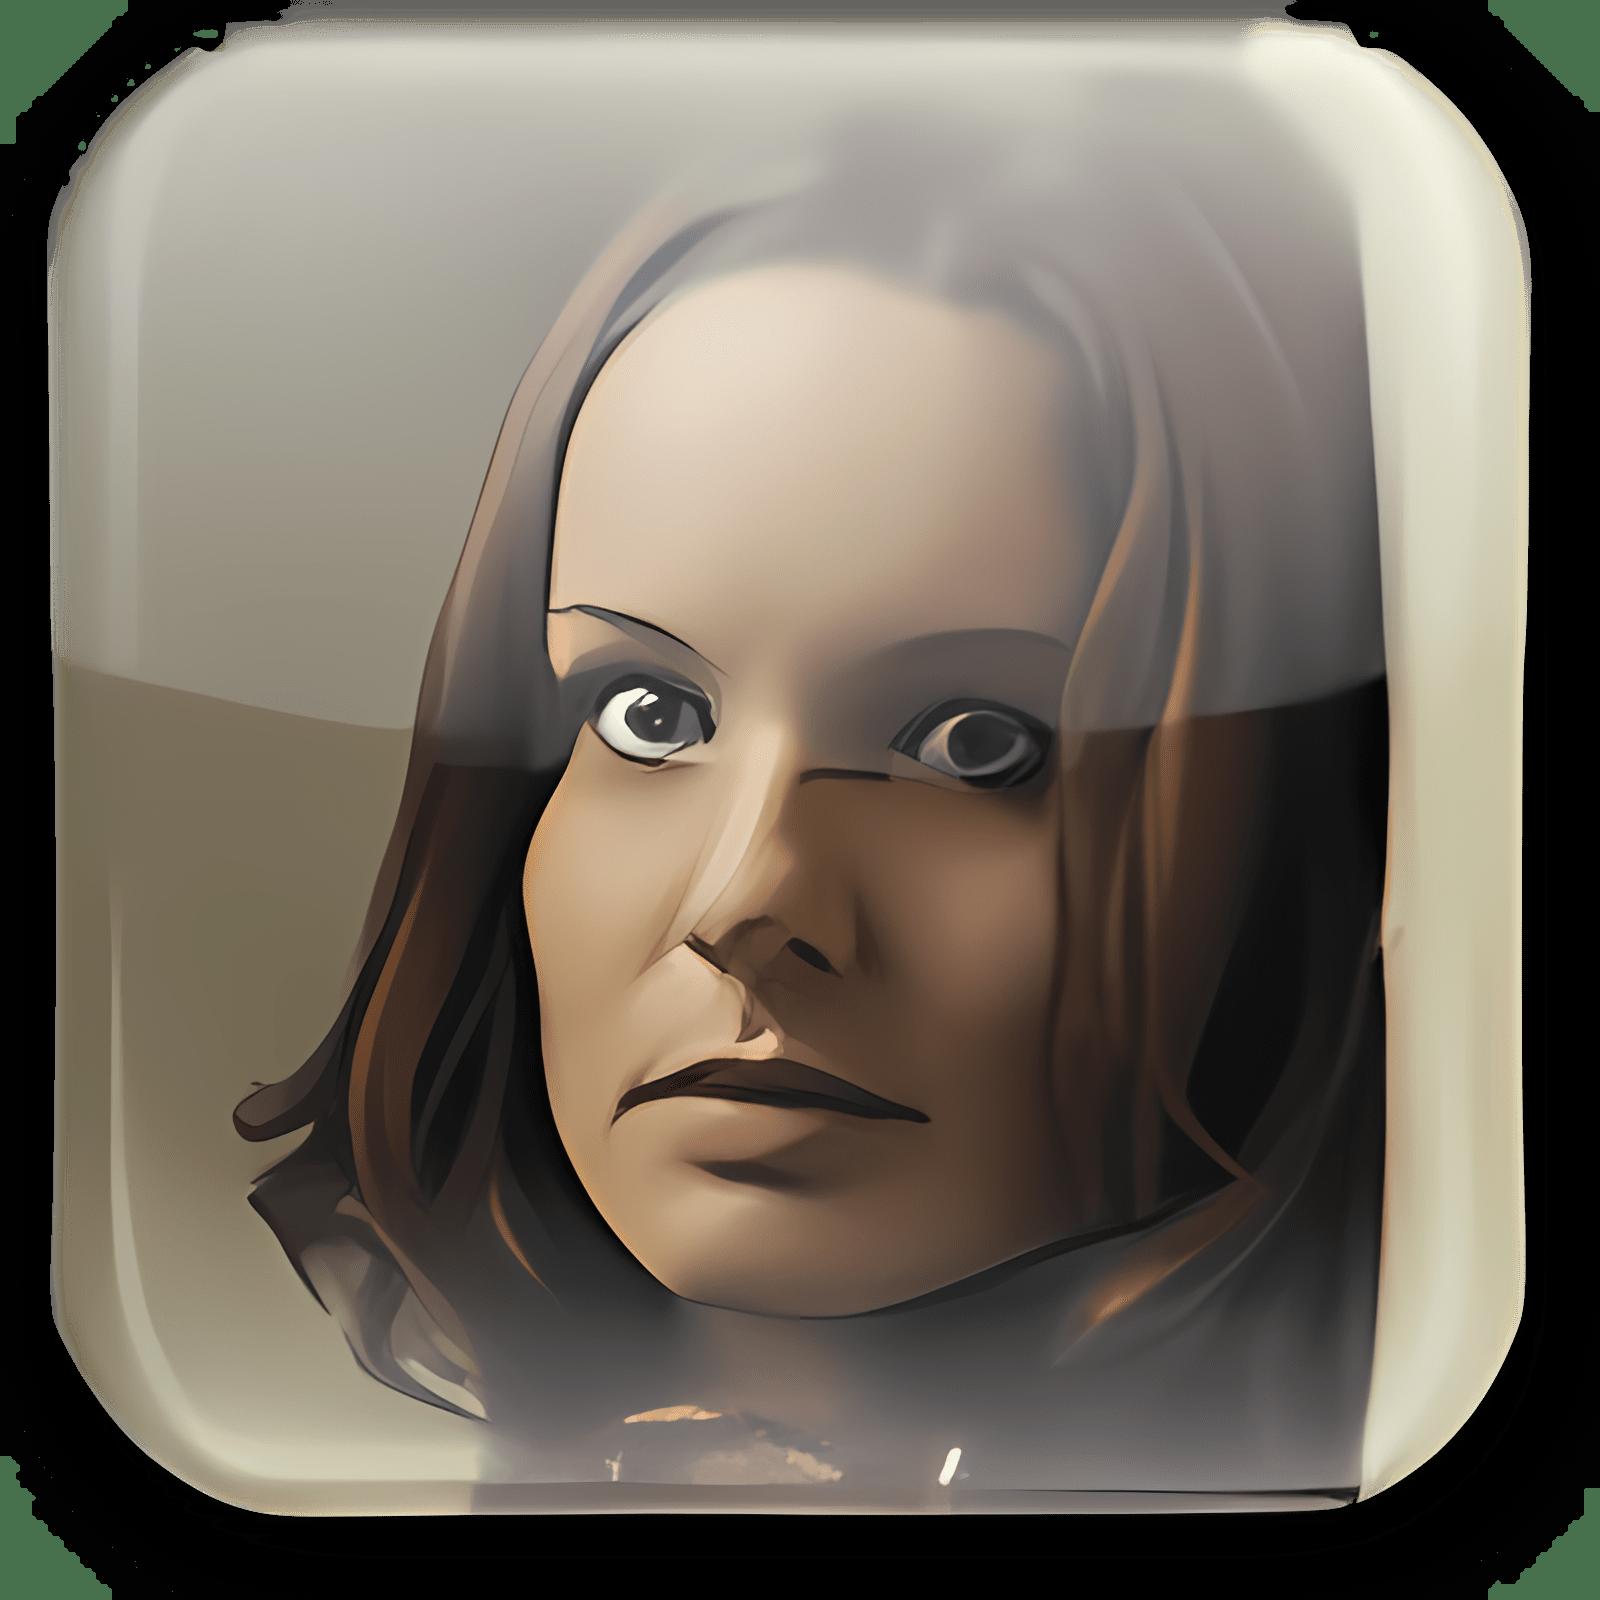 Fond d'écran Prison Break – Sara et Michael